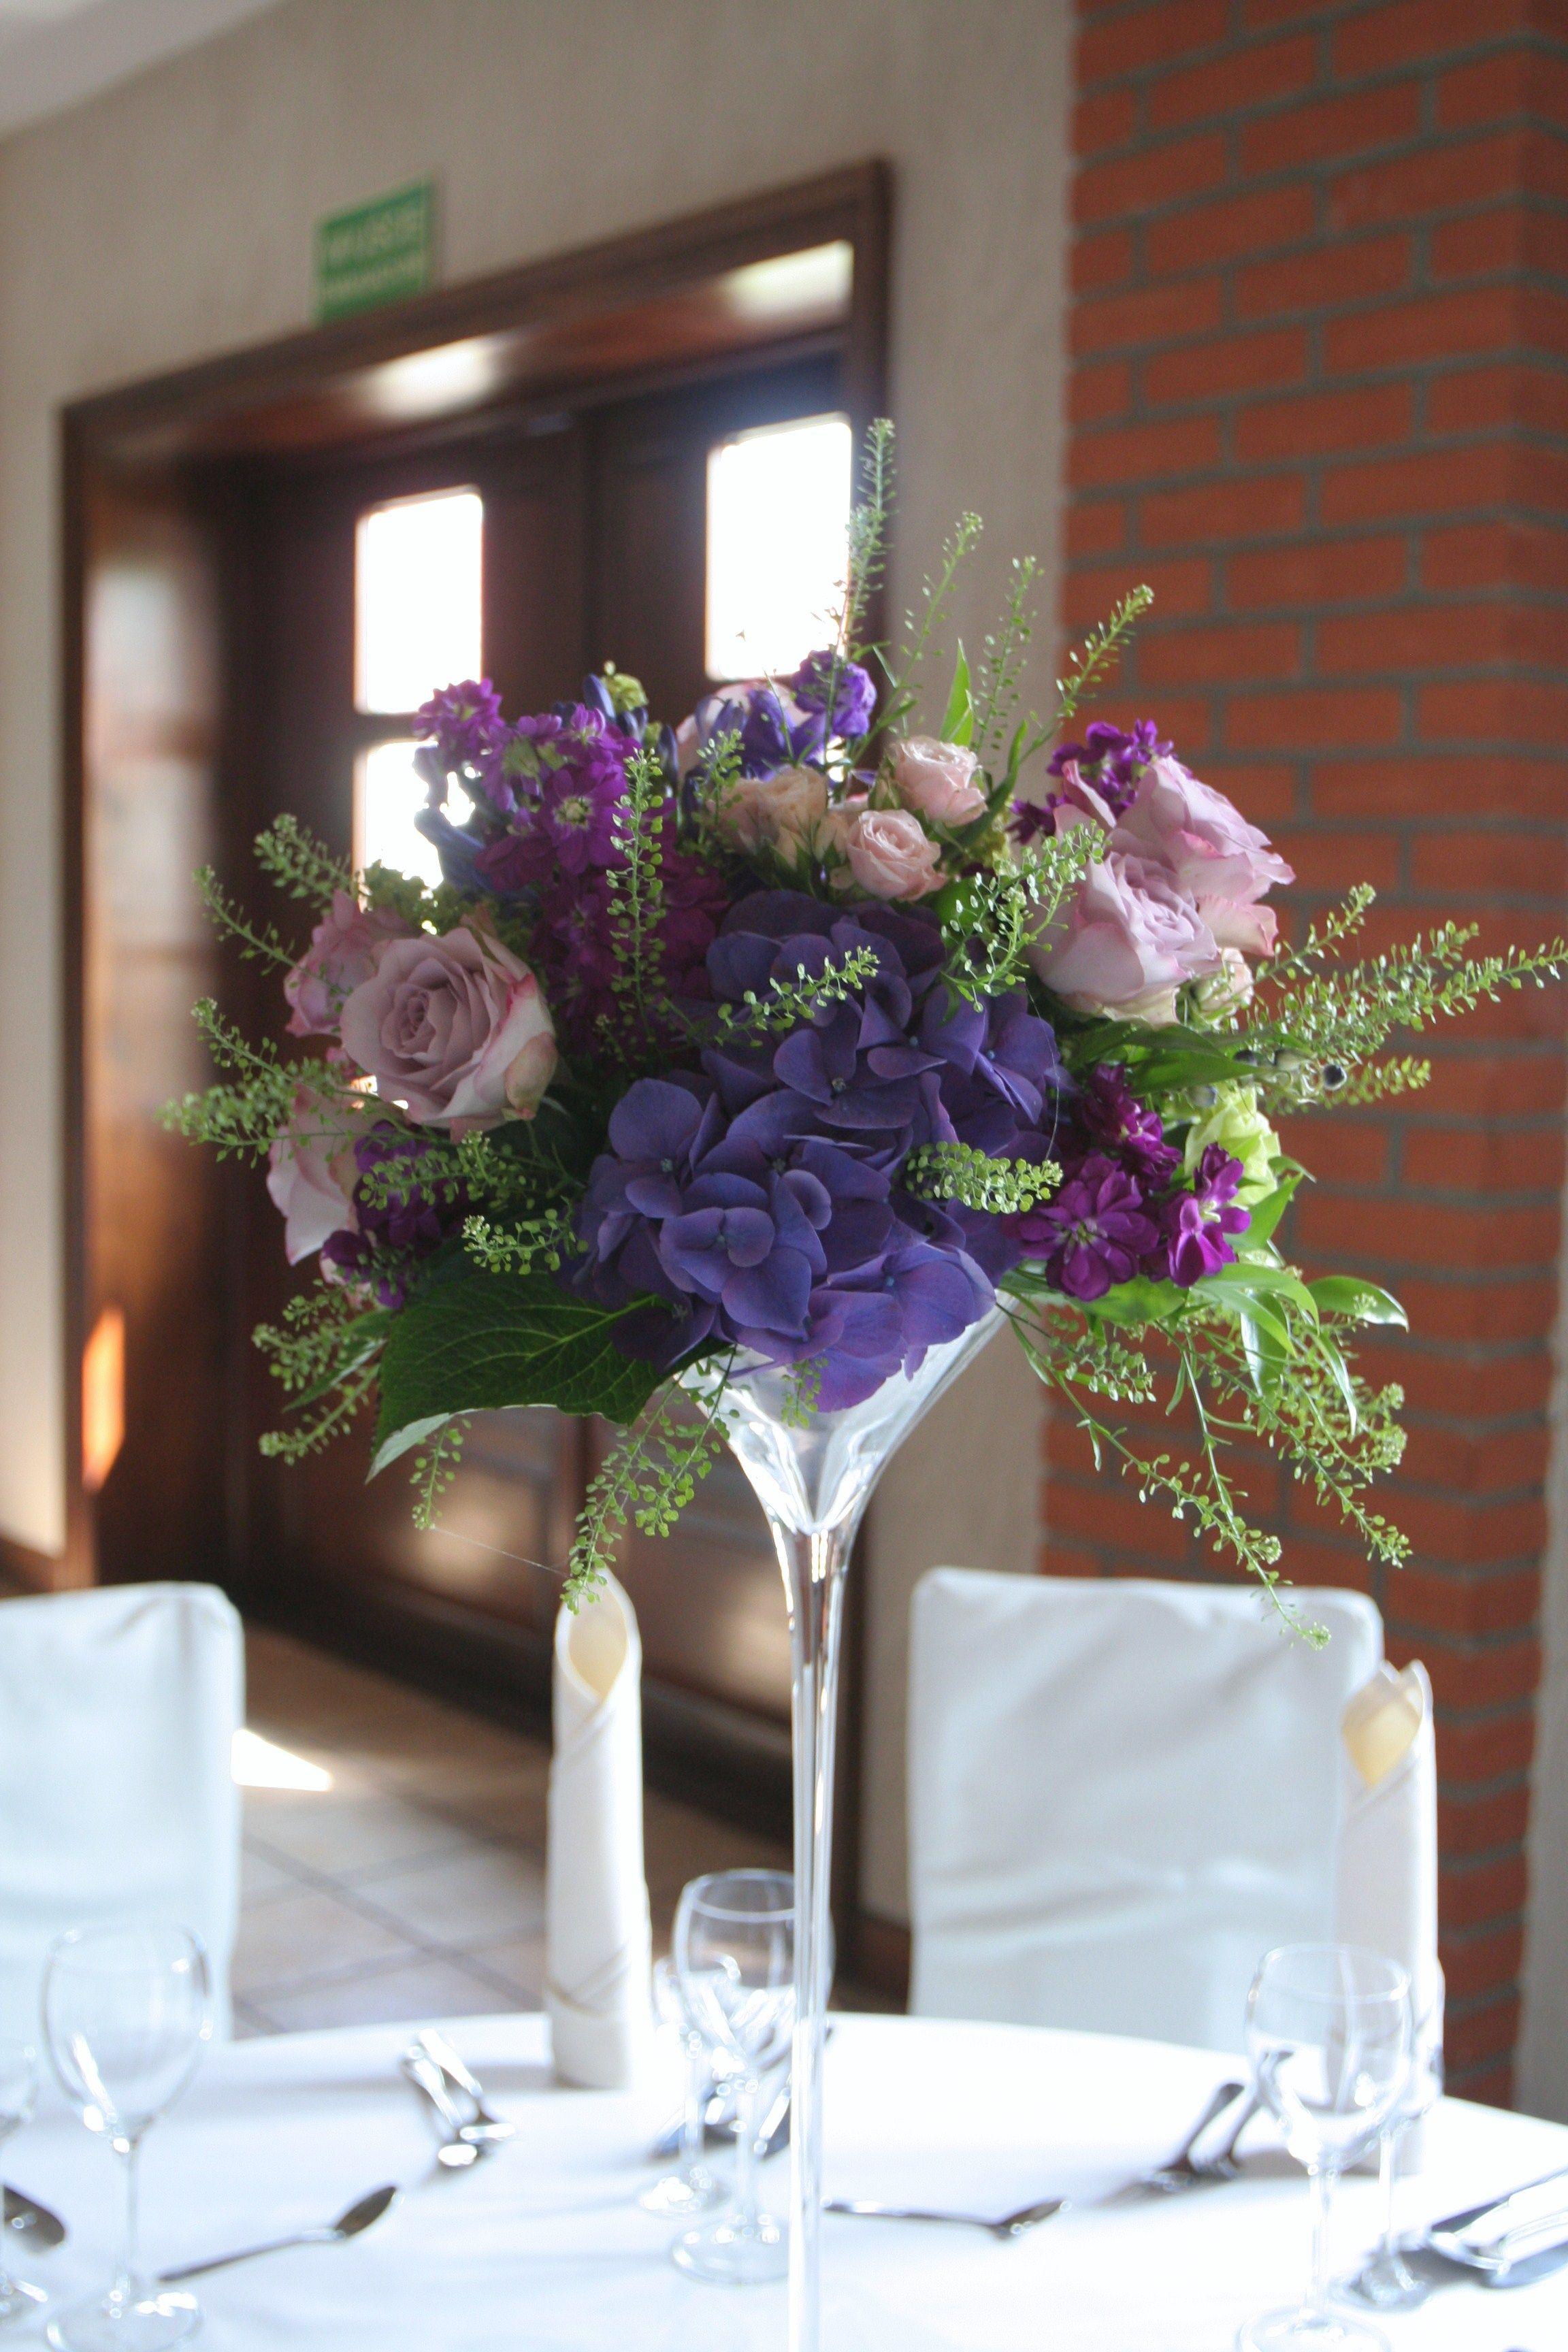 Fiolet Dekoracja Sali Weselnej Dekoracja Stolow Kwiaty Zielen Fiolet Roz Purple Wedding Flowers Wedding Decorations Wedding Flowers